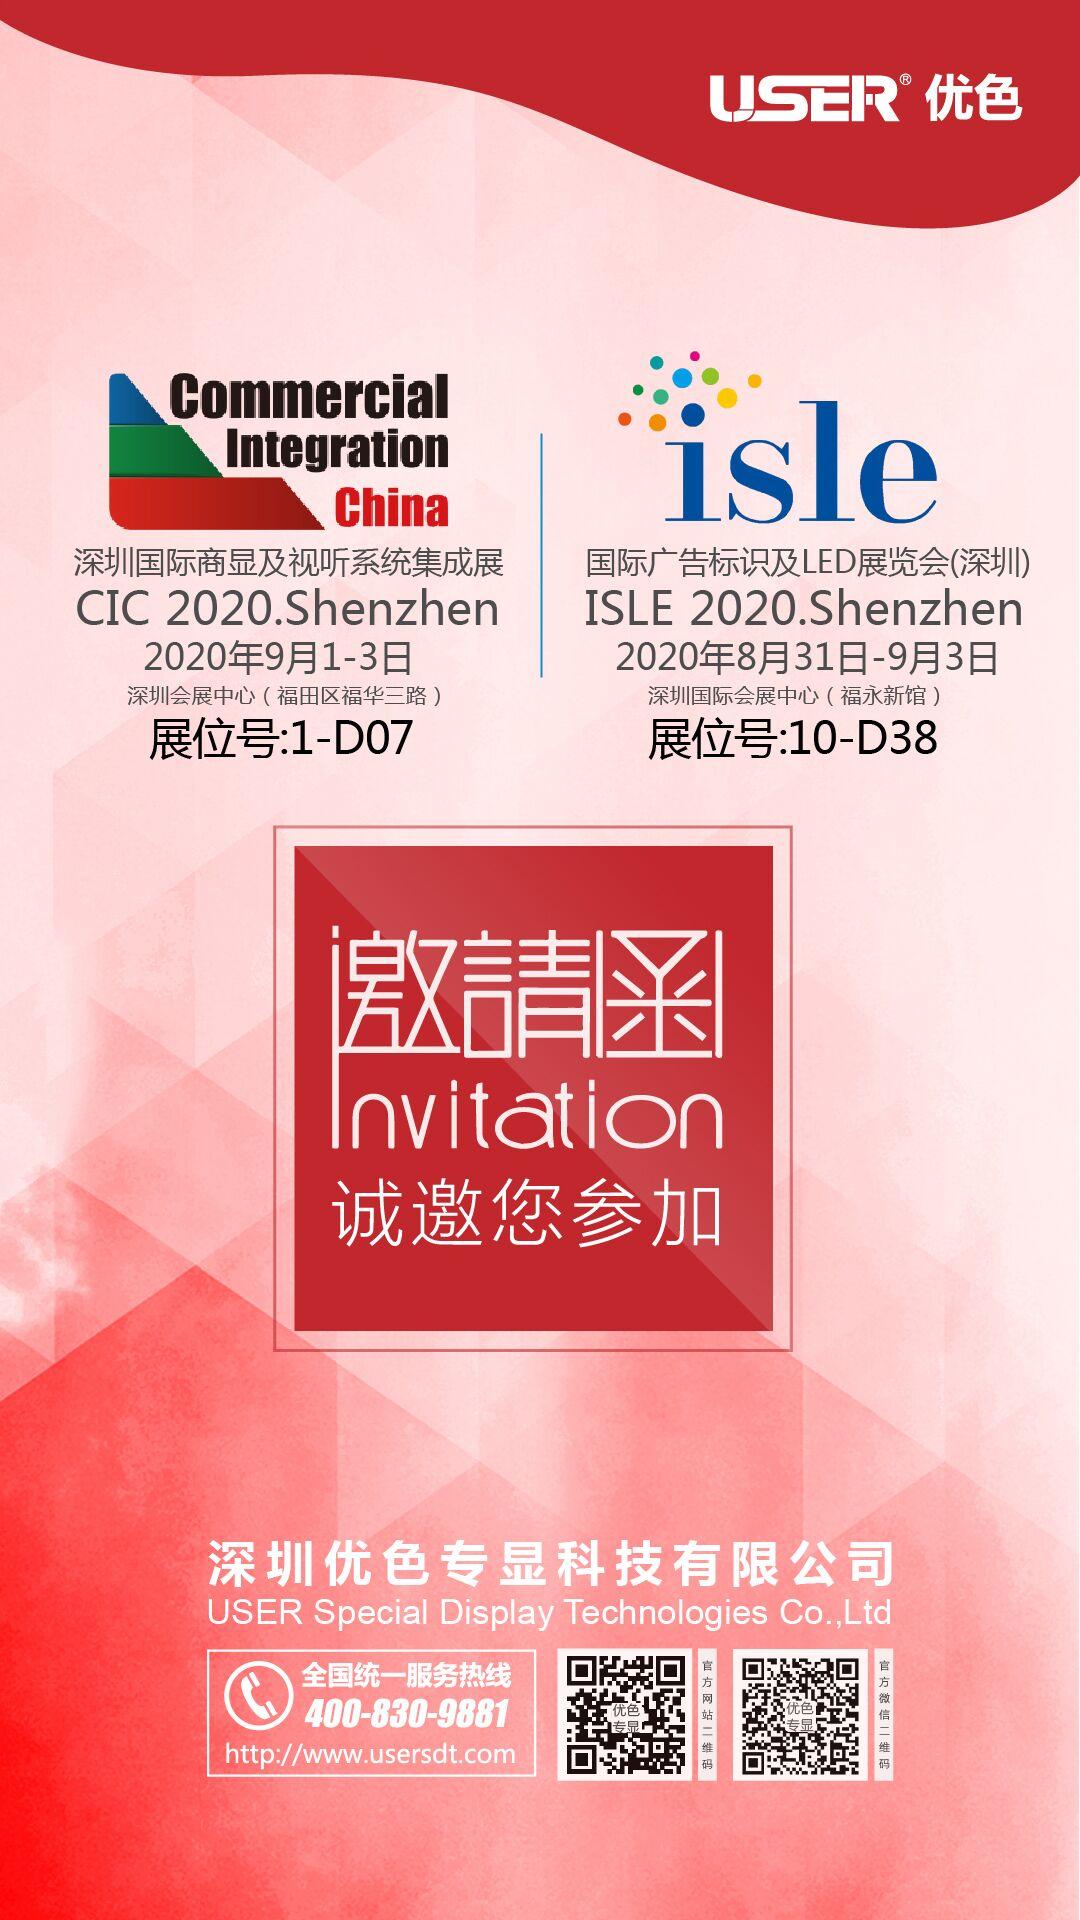 优色专显应邀参加深圳国际商显及视听系统集成展+国际广告标识及LED展览会